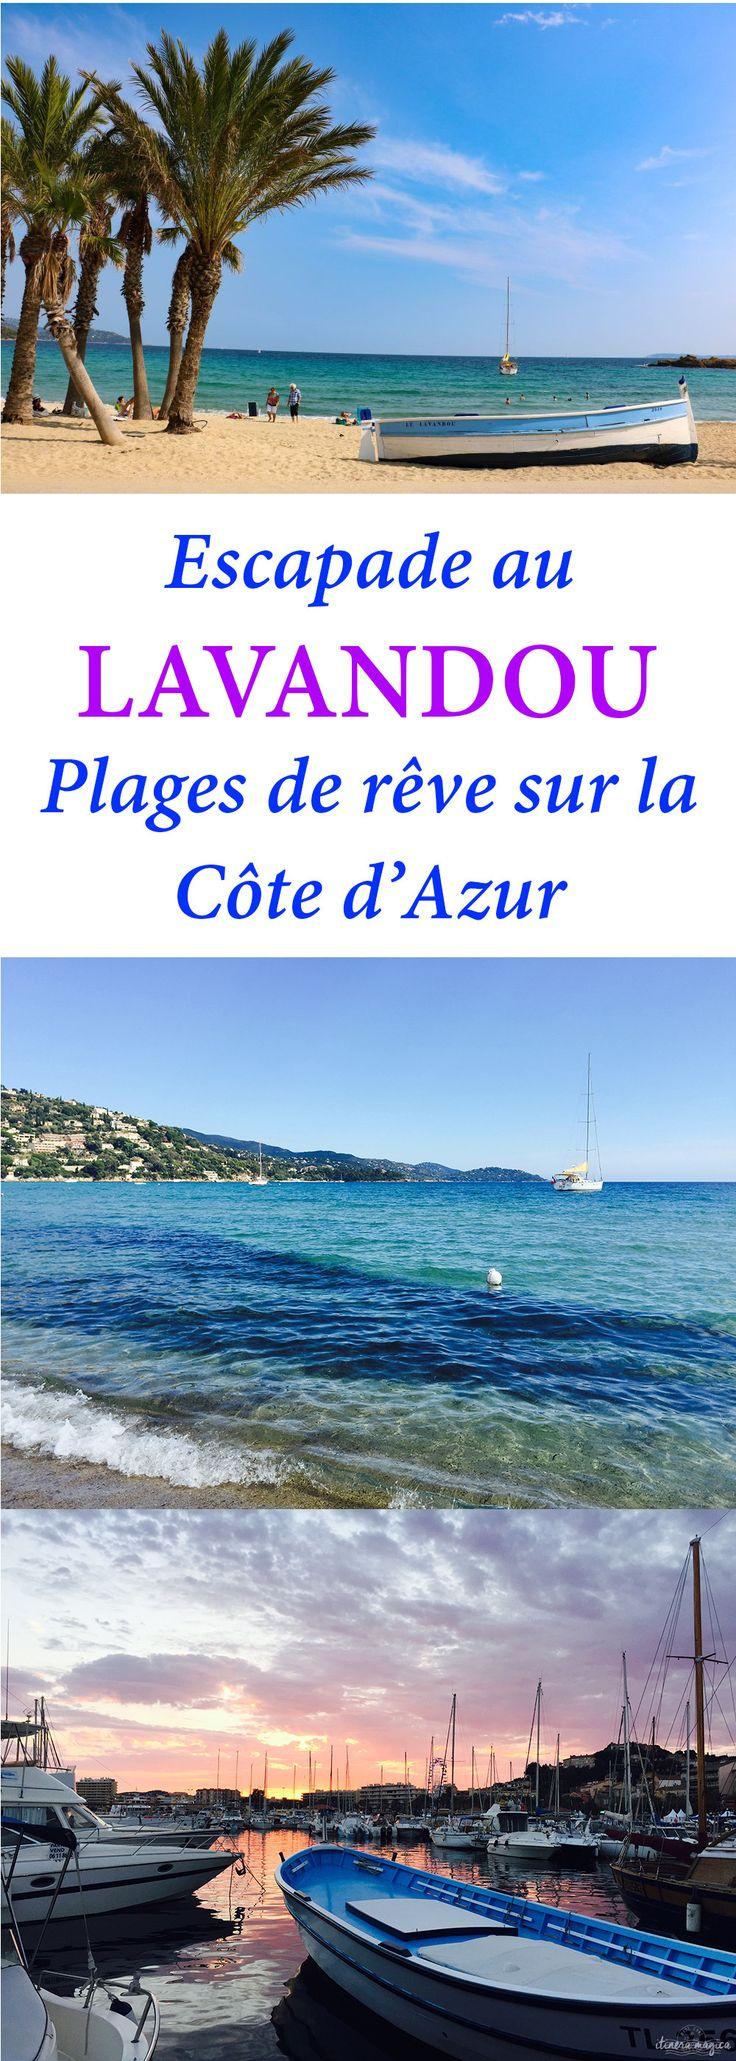 Que faire au Lavandou ? Voir les plus belles plages de la Côte d'Azur ! Blog Le Lavandou